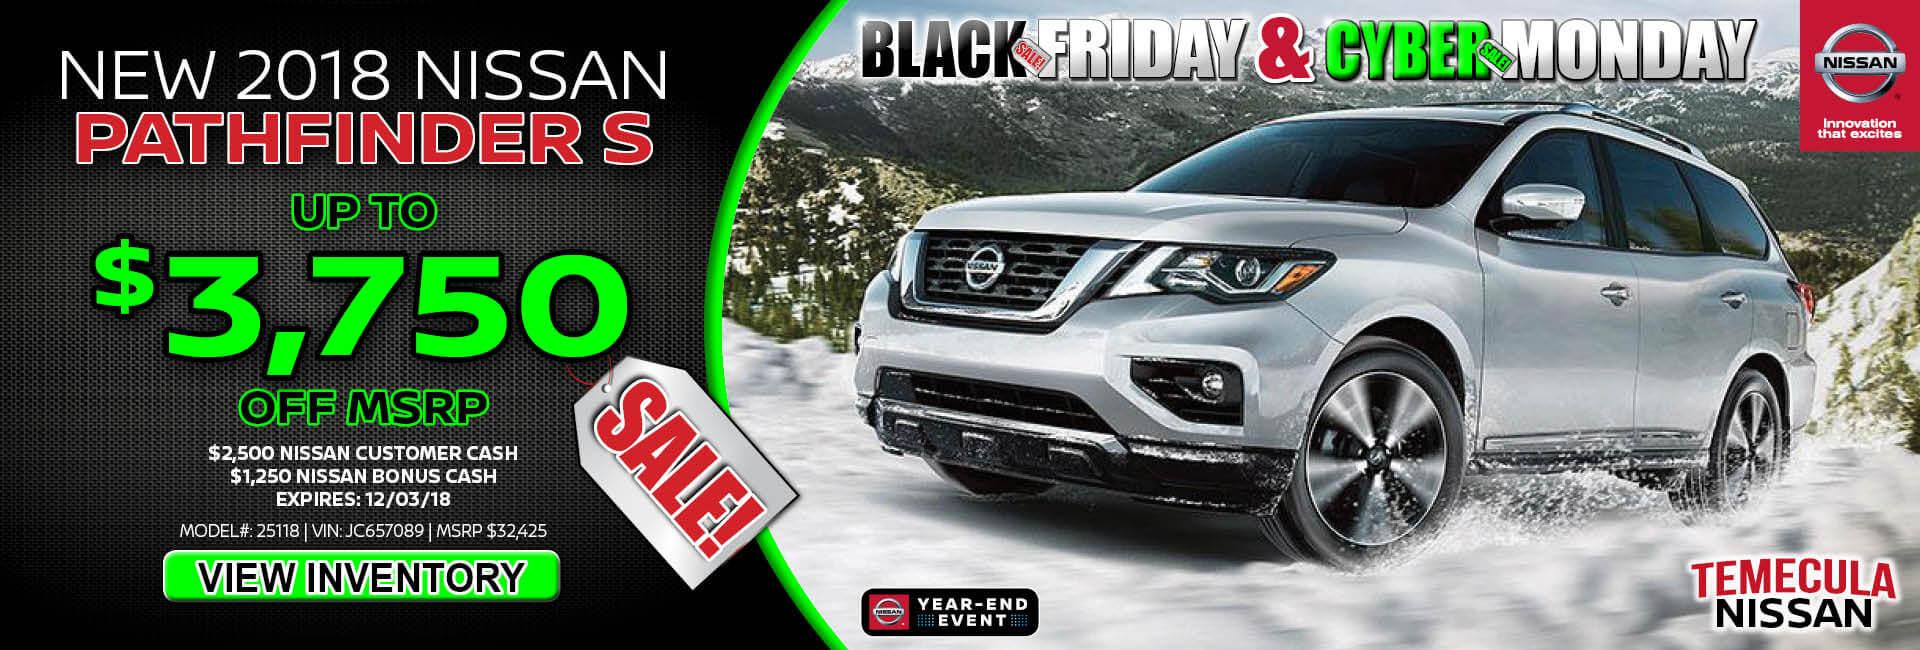 Nissan Pathfinder $3,750 off MSRP